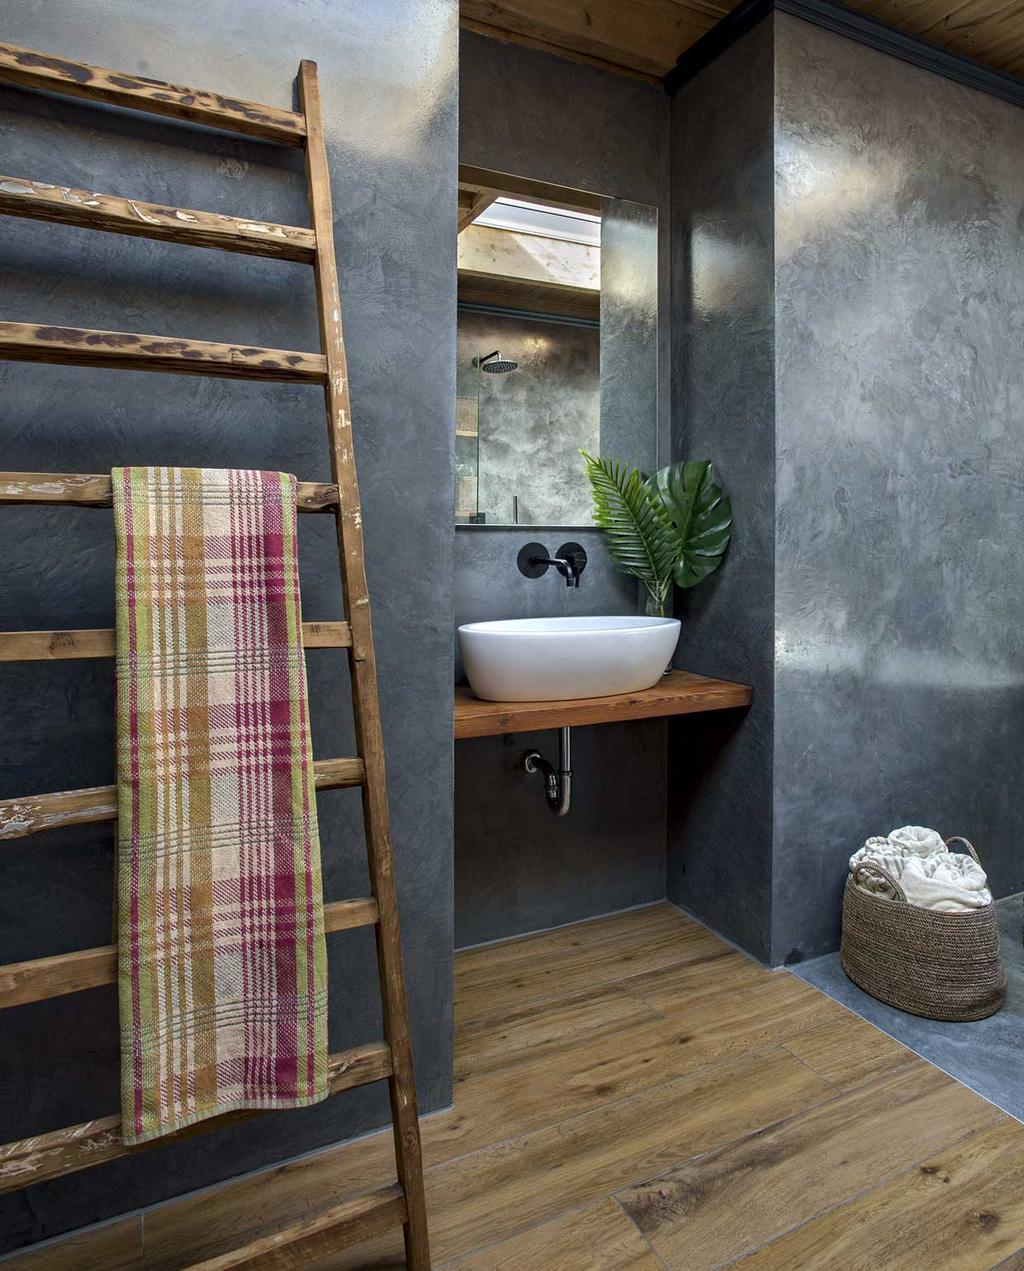 vtwonen 12-2020 bk special | binnenkijken in een 19e eeuws herenhuis | badkamer